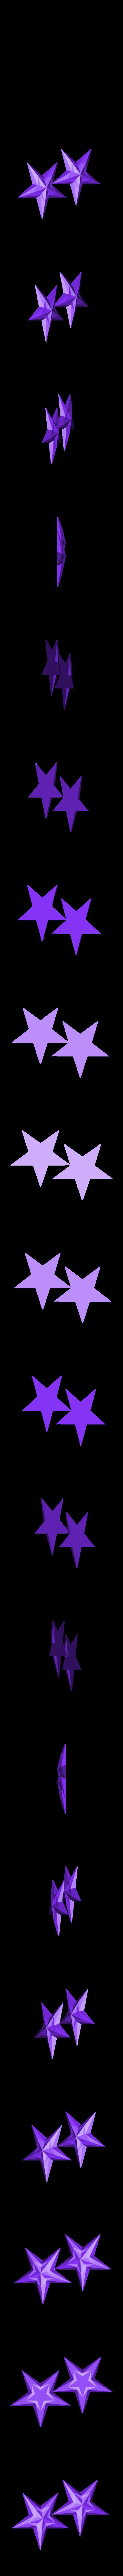 FacetedStar-Split.stl Télécharger fichier STL gratuit Décorations d'étoiles facettées • Design pour impression 3D, tone001